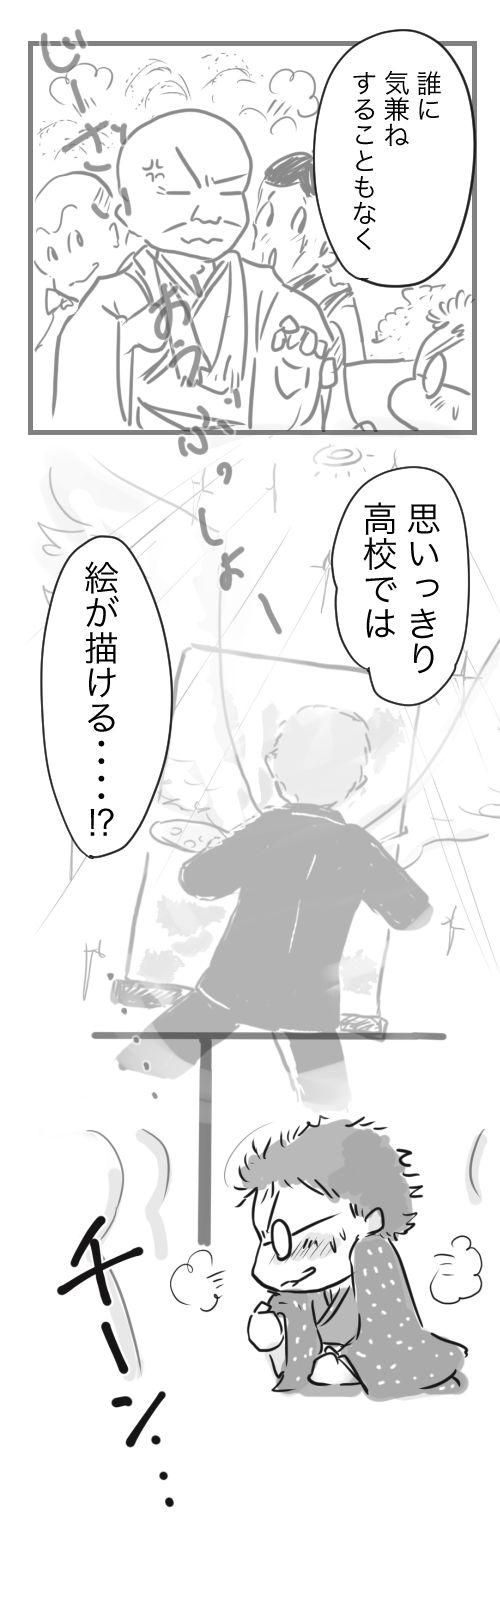 山田12-8−2高校では